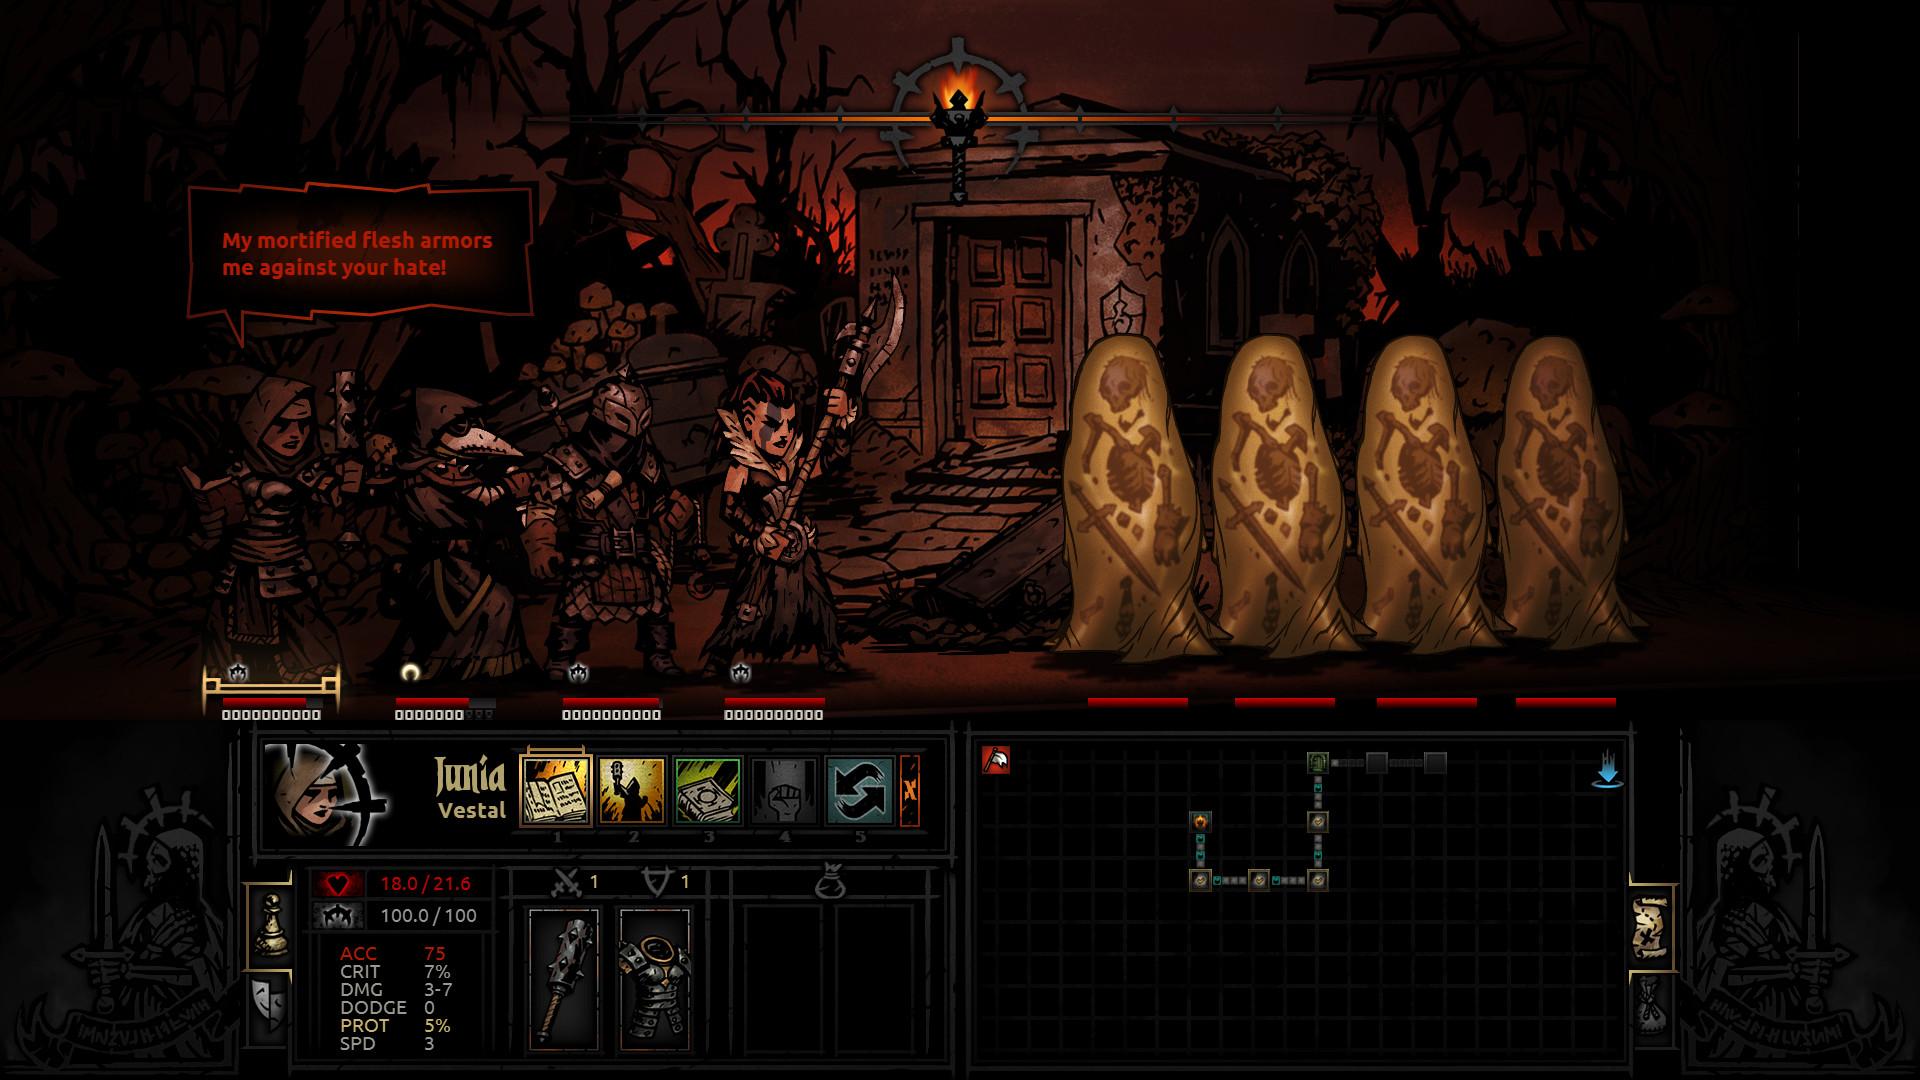 darkest dungeon on steam